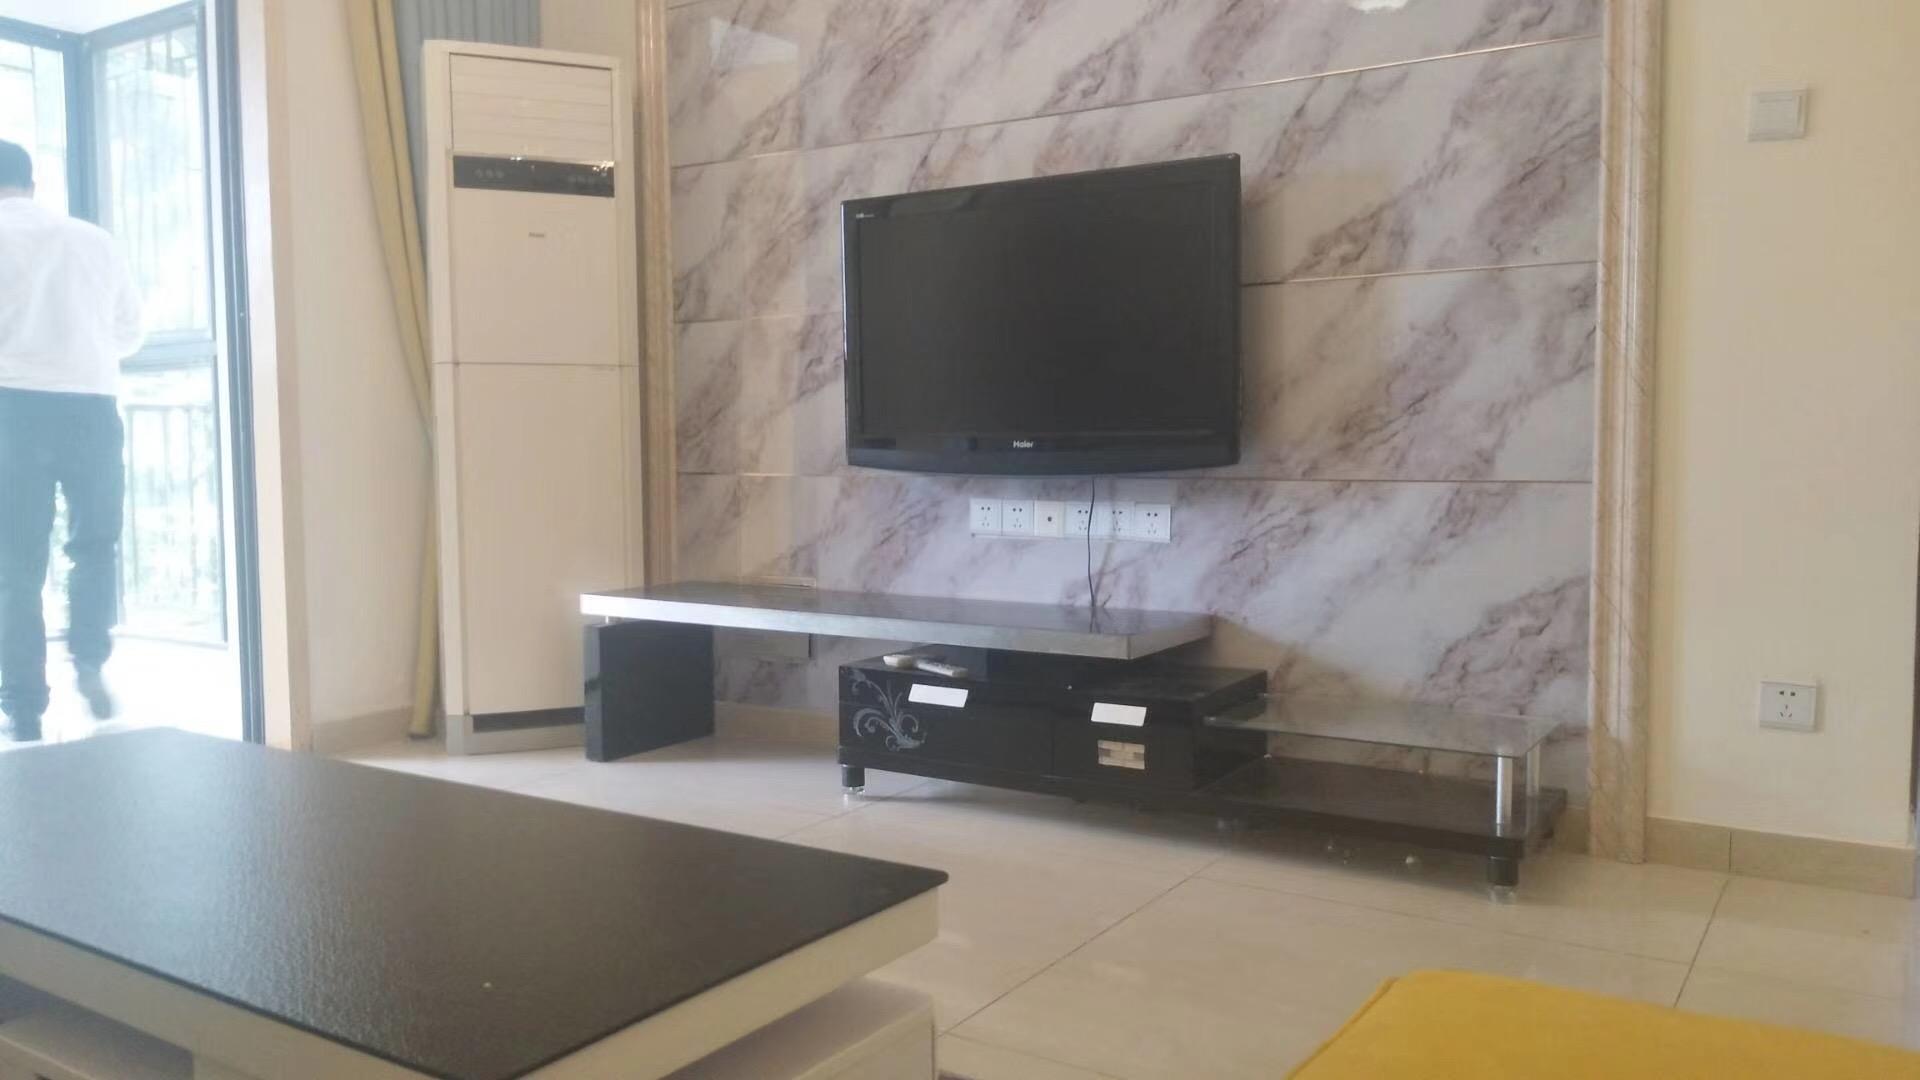 株洲86平米北欧简约风格客厅电视背景墙展示图